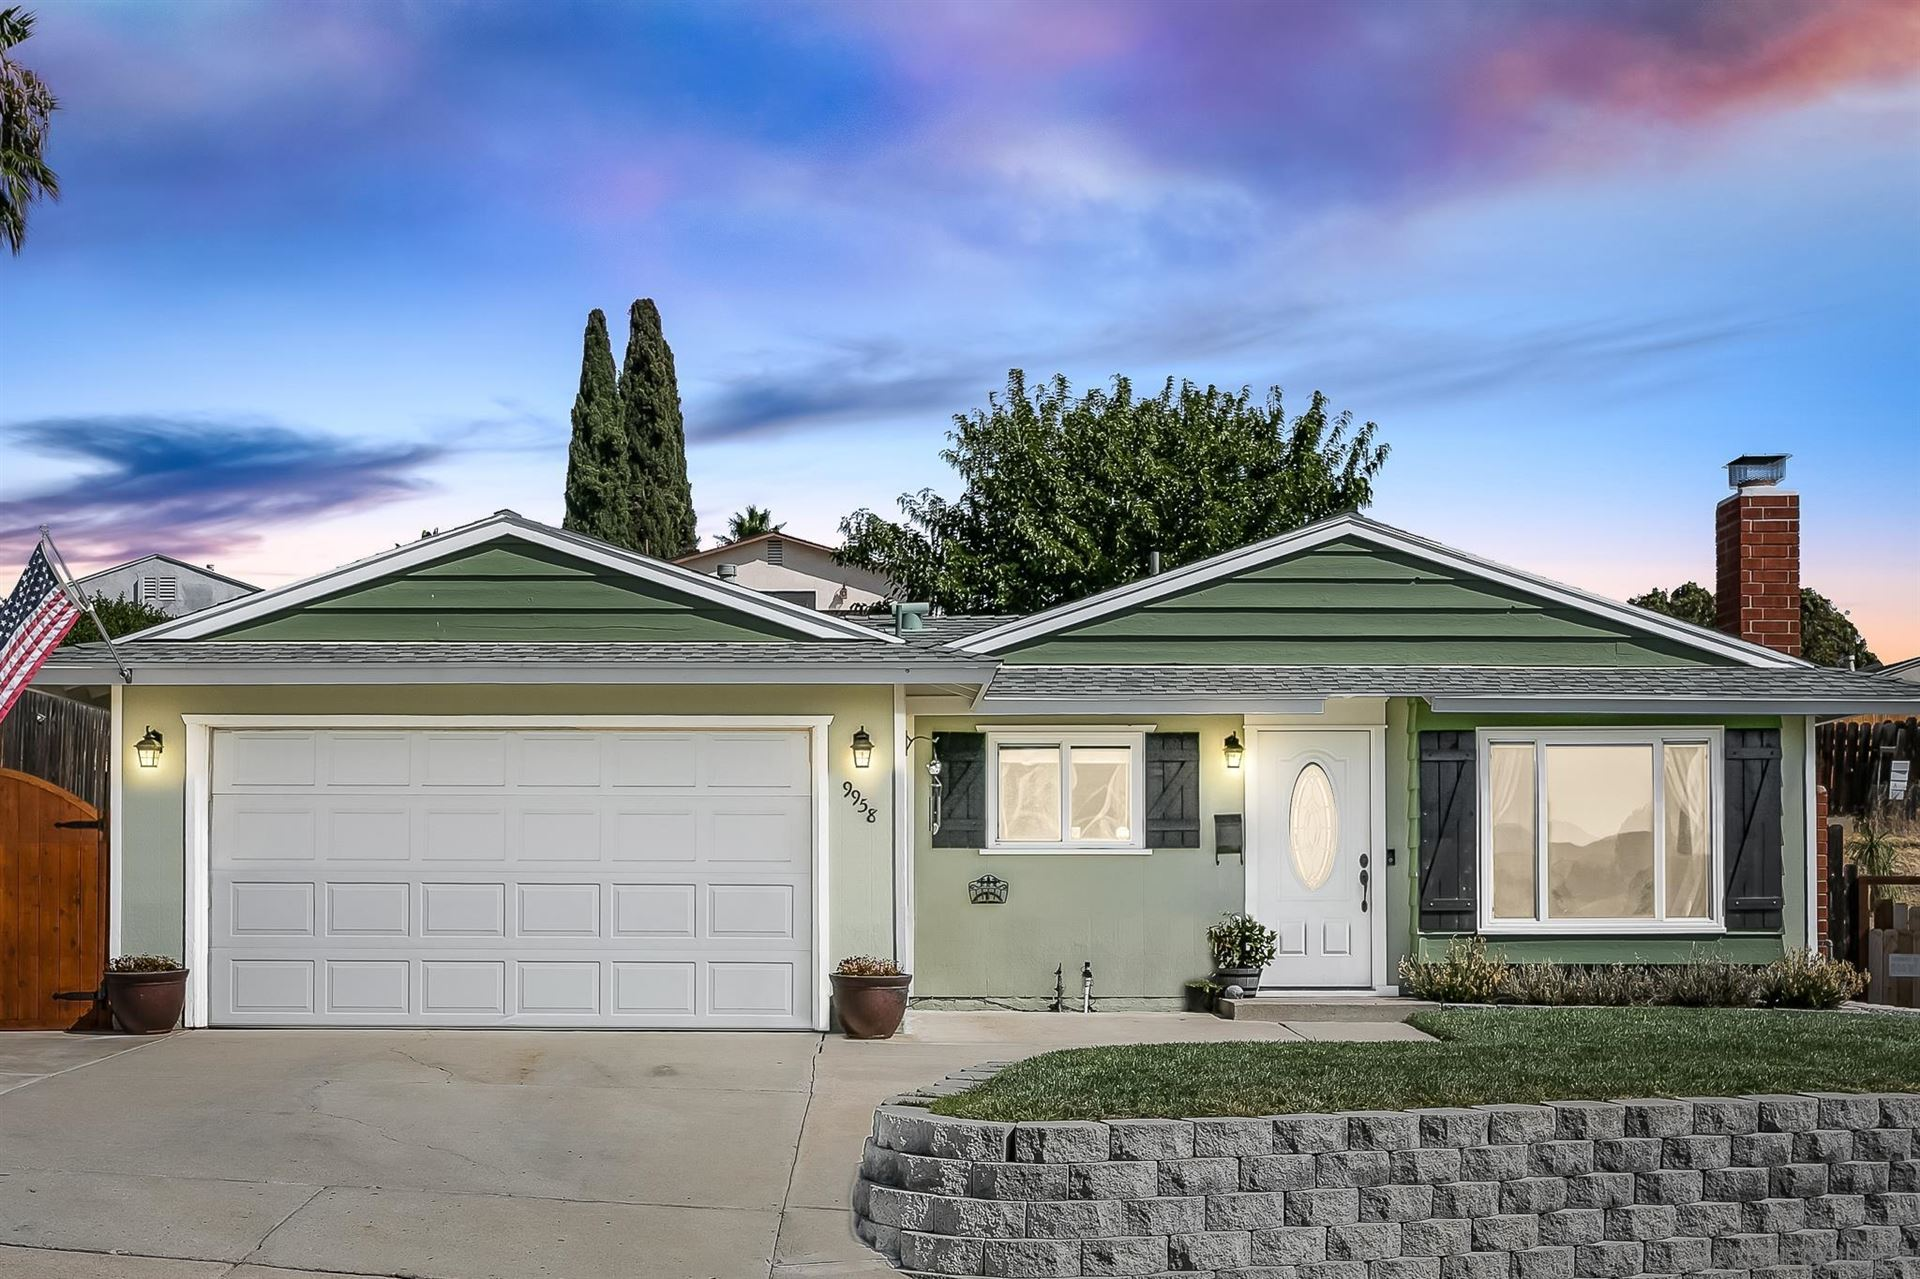 9958 Golden West Ln, Santee, CA 92071 - MLS#: 210026327